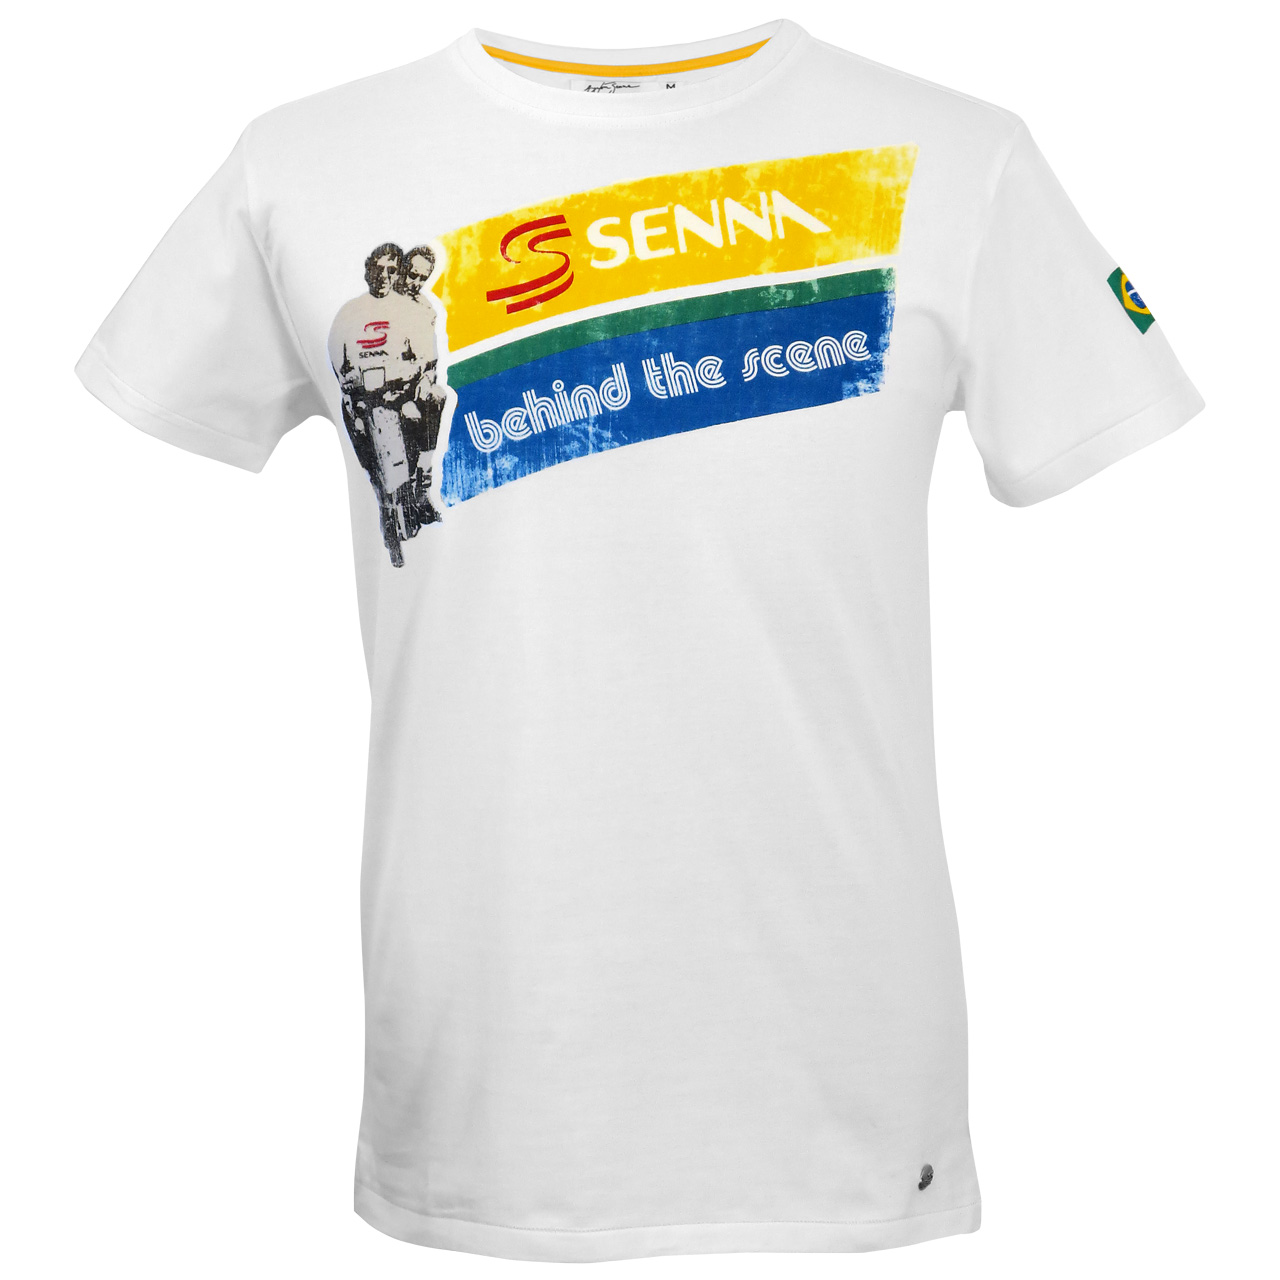 ayrton-senna-t-shirt-scooter